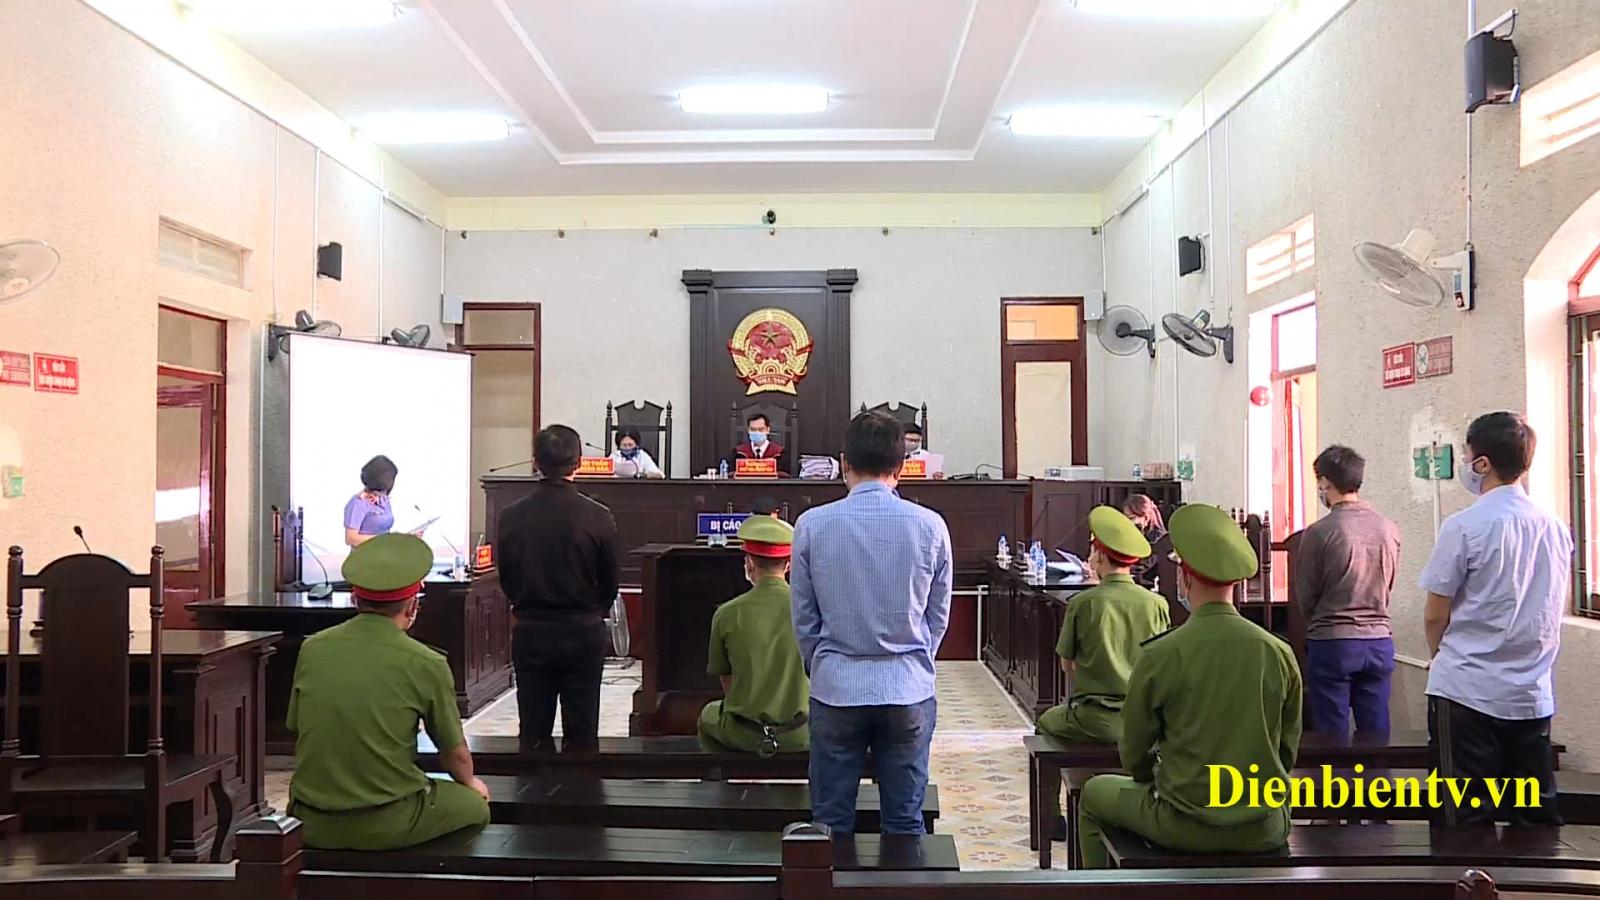 5 đối tượng nhận hơn 26 năm tù vì tội đưa người xuất cảnh trái phép